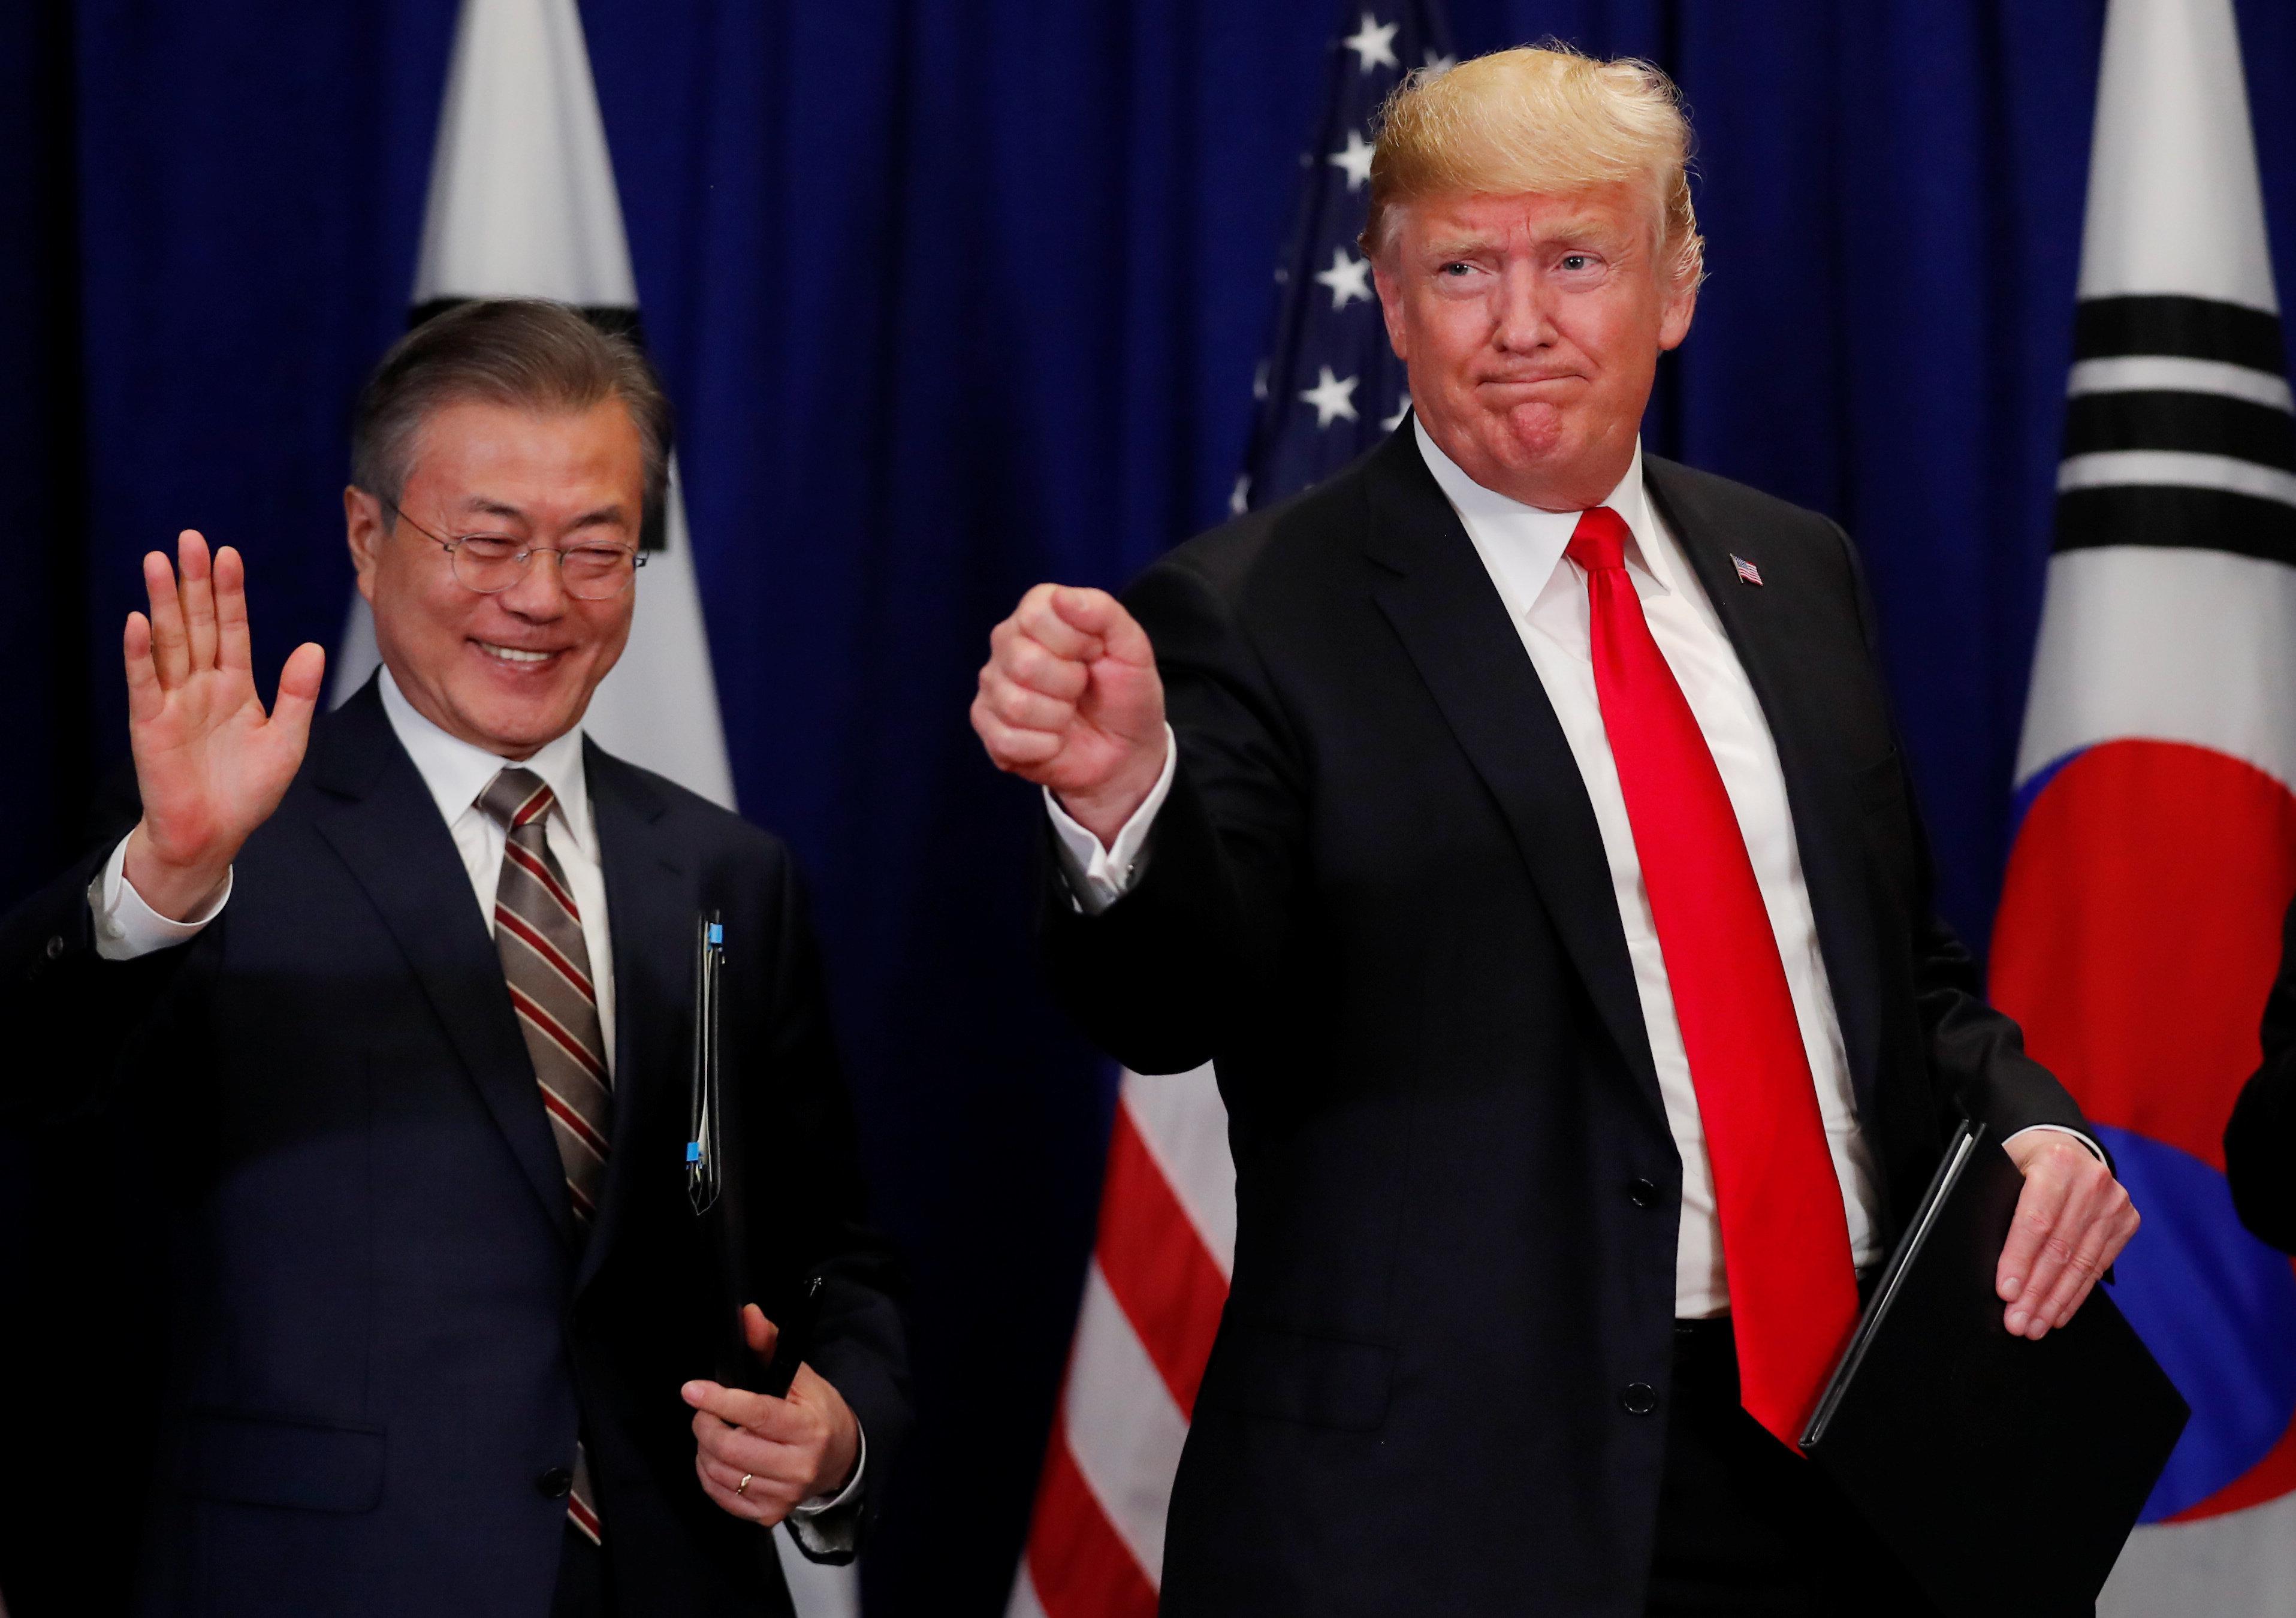 비핵화, 이제 강압에서 협력으로 전환해야